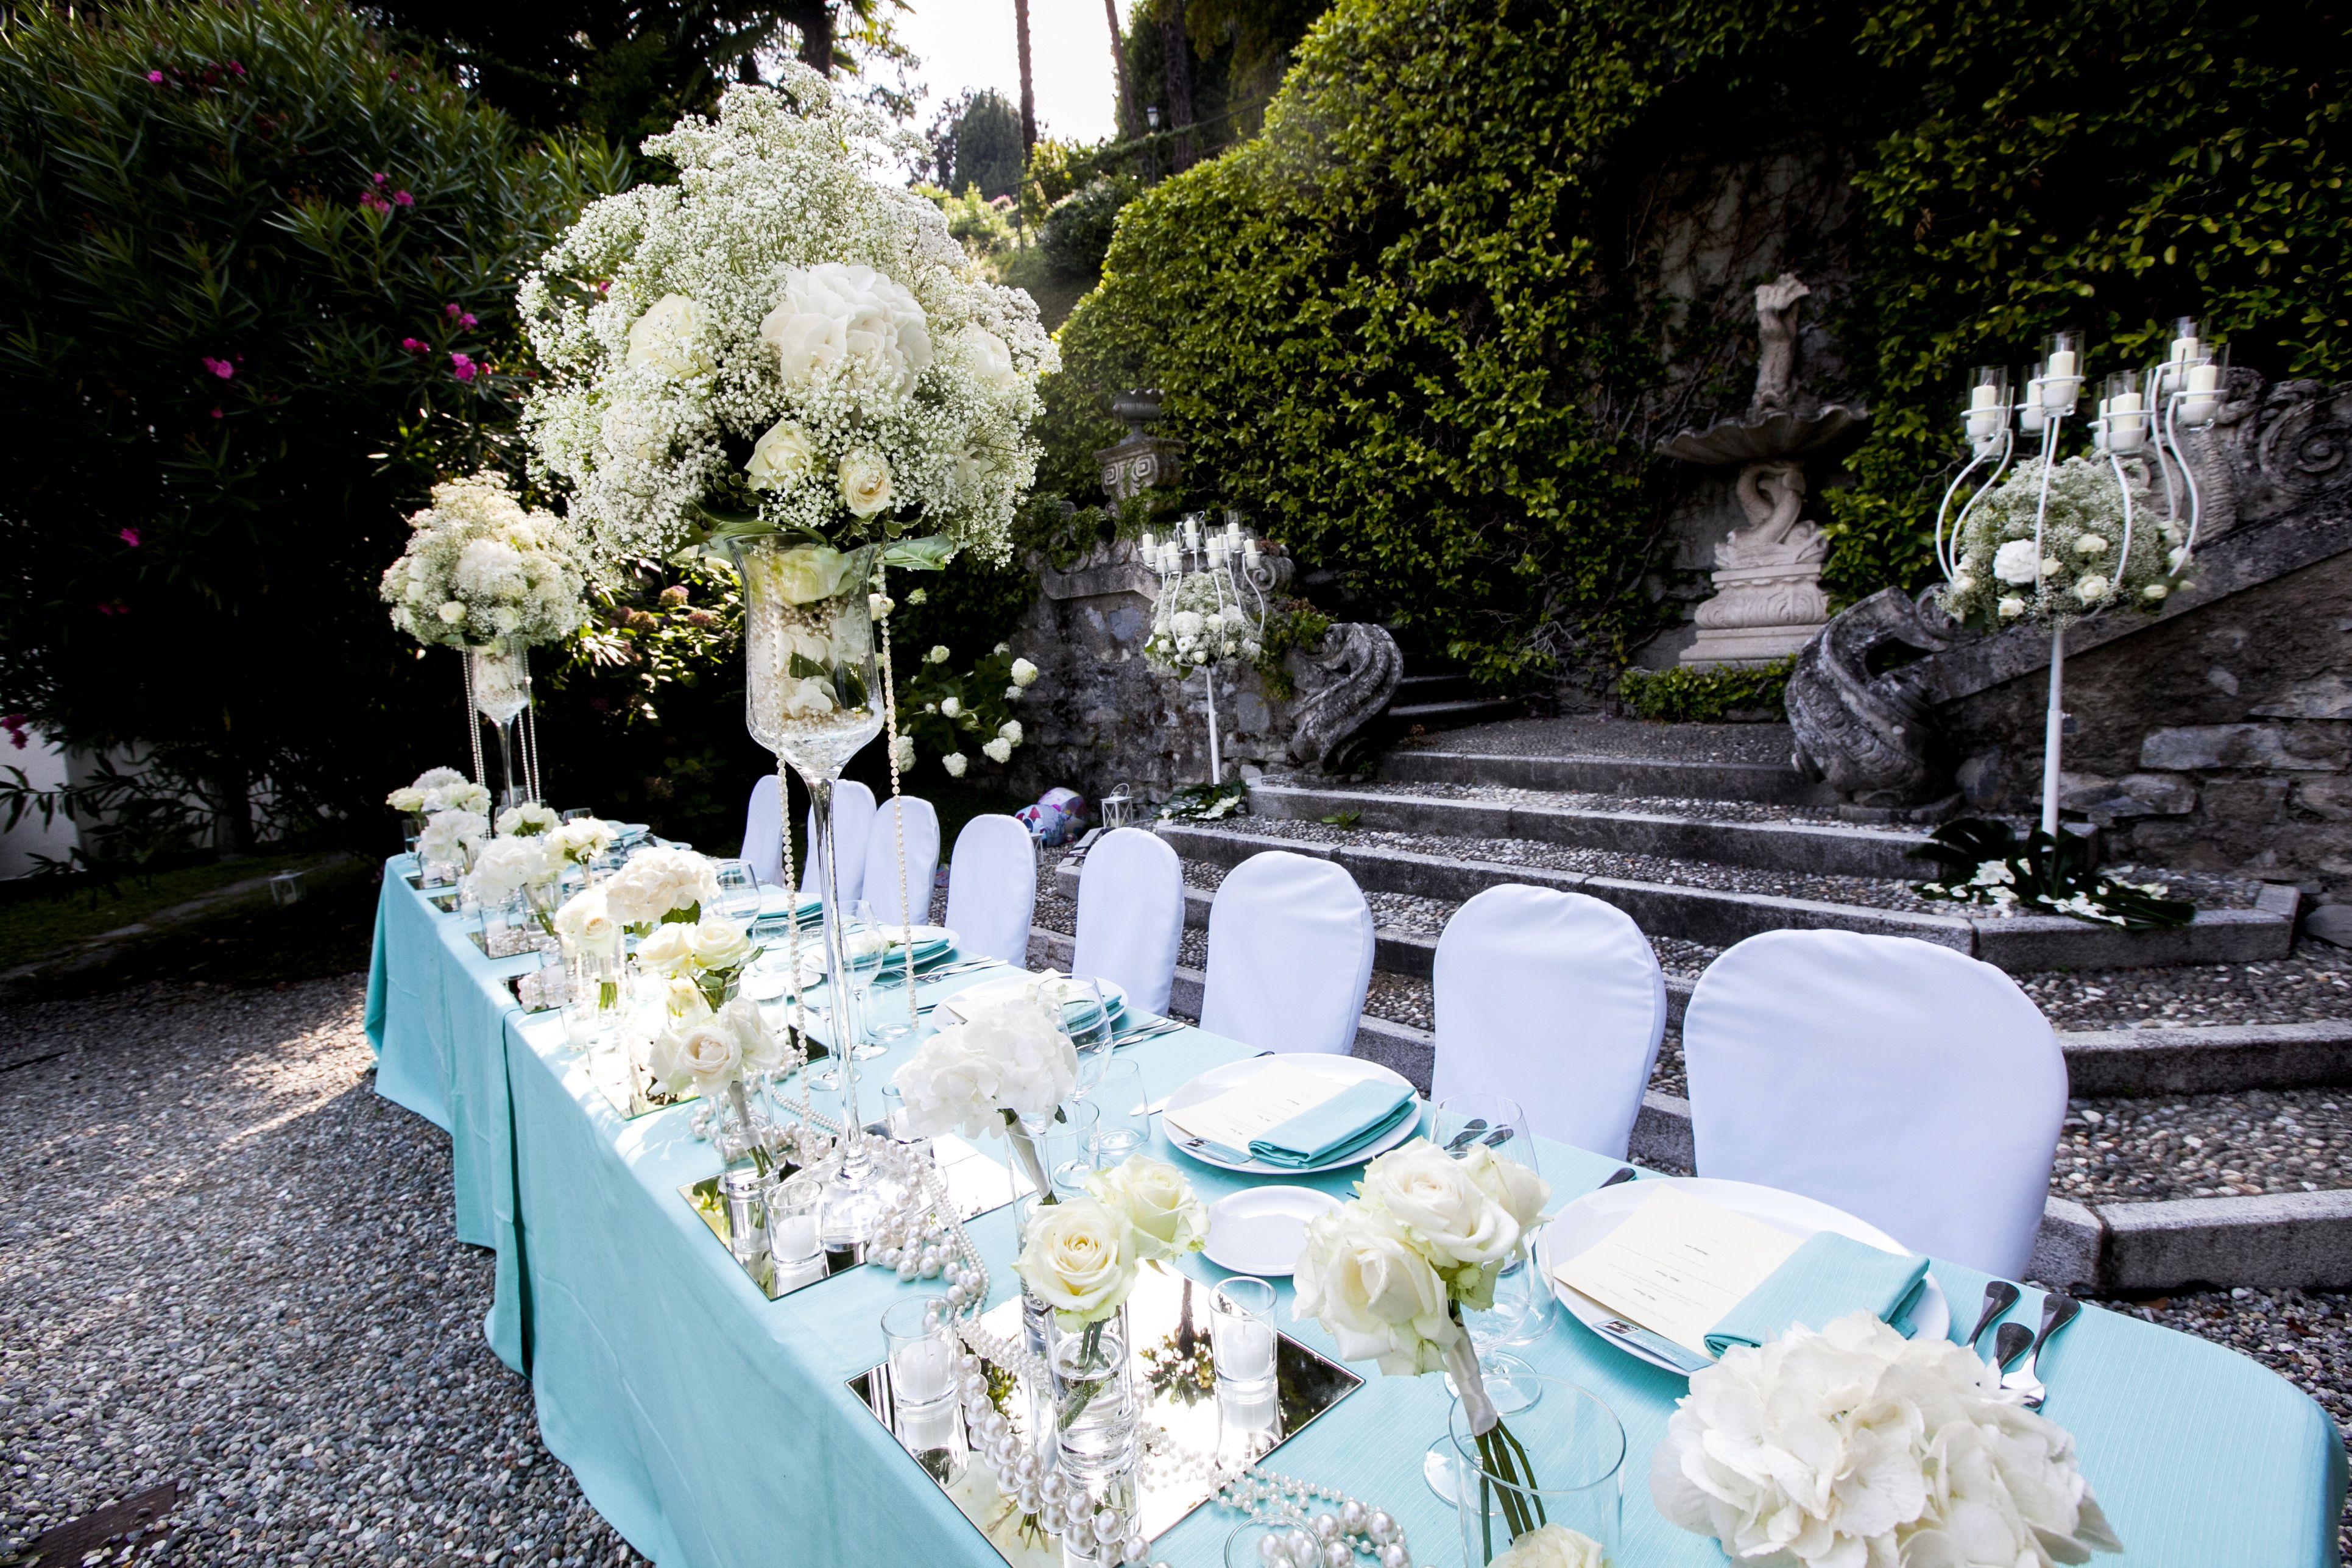 Un magnifico allestimento in giardino tra centrotavola fioriti e candelabri a tema ideato da - Allestimento giardino ...